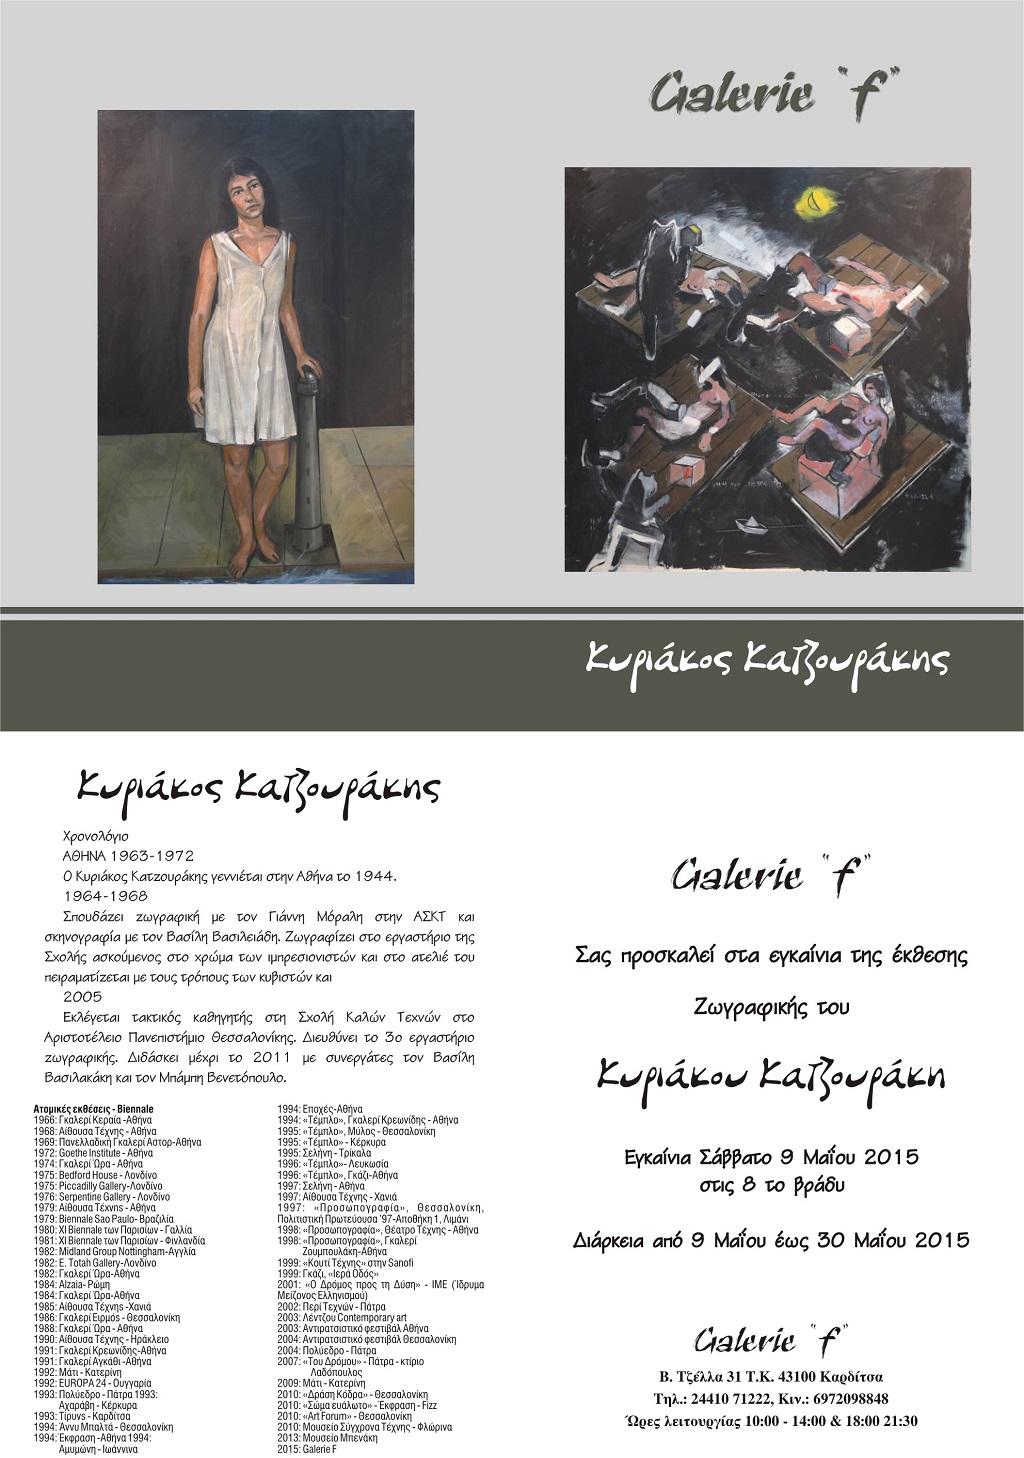 ekthesi_kyr_katzourakis_galerie_f